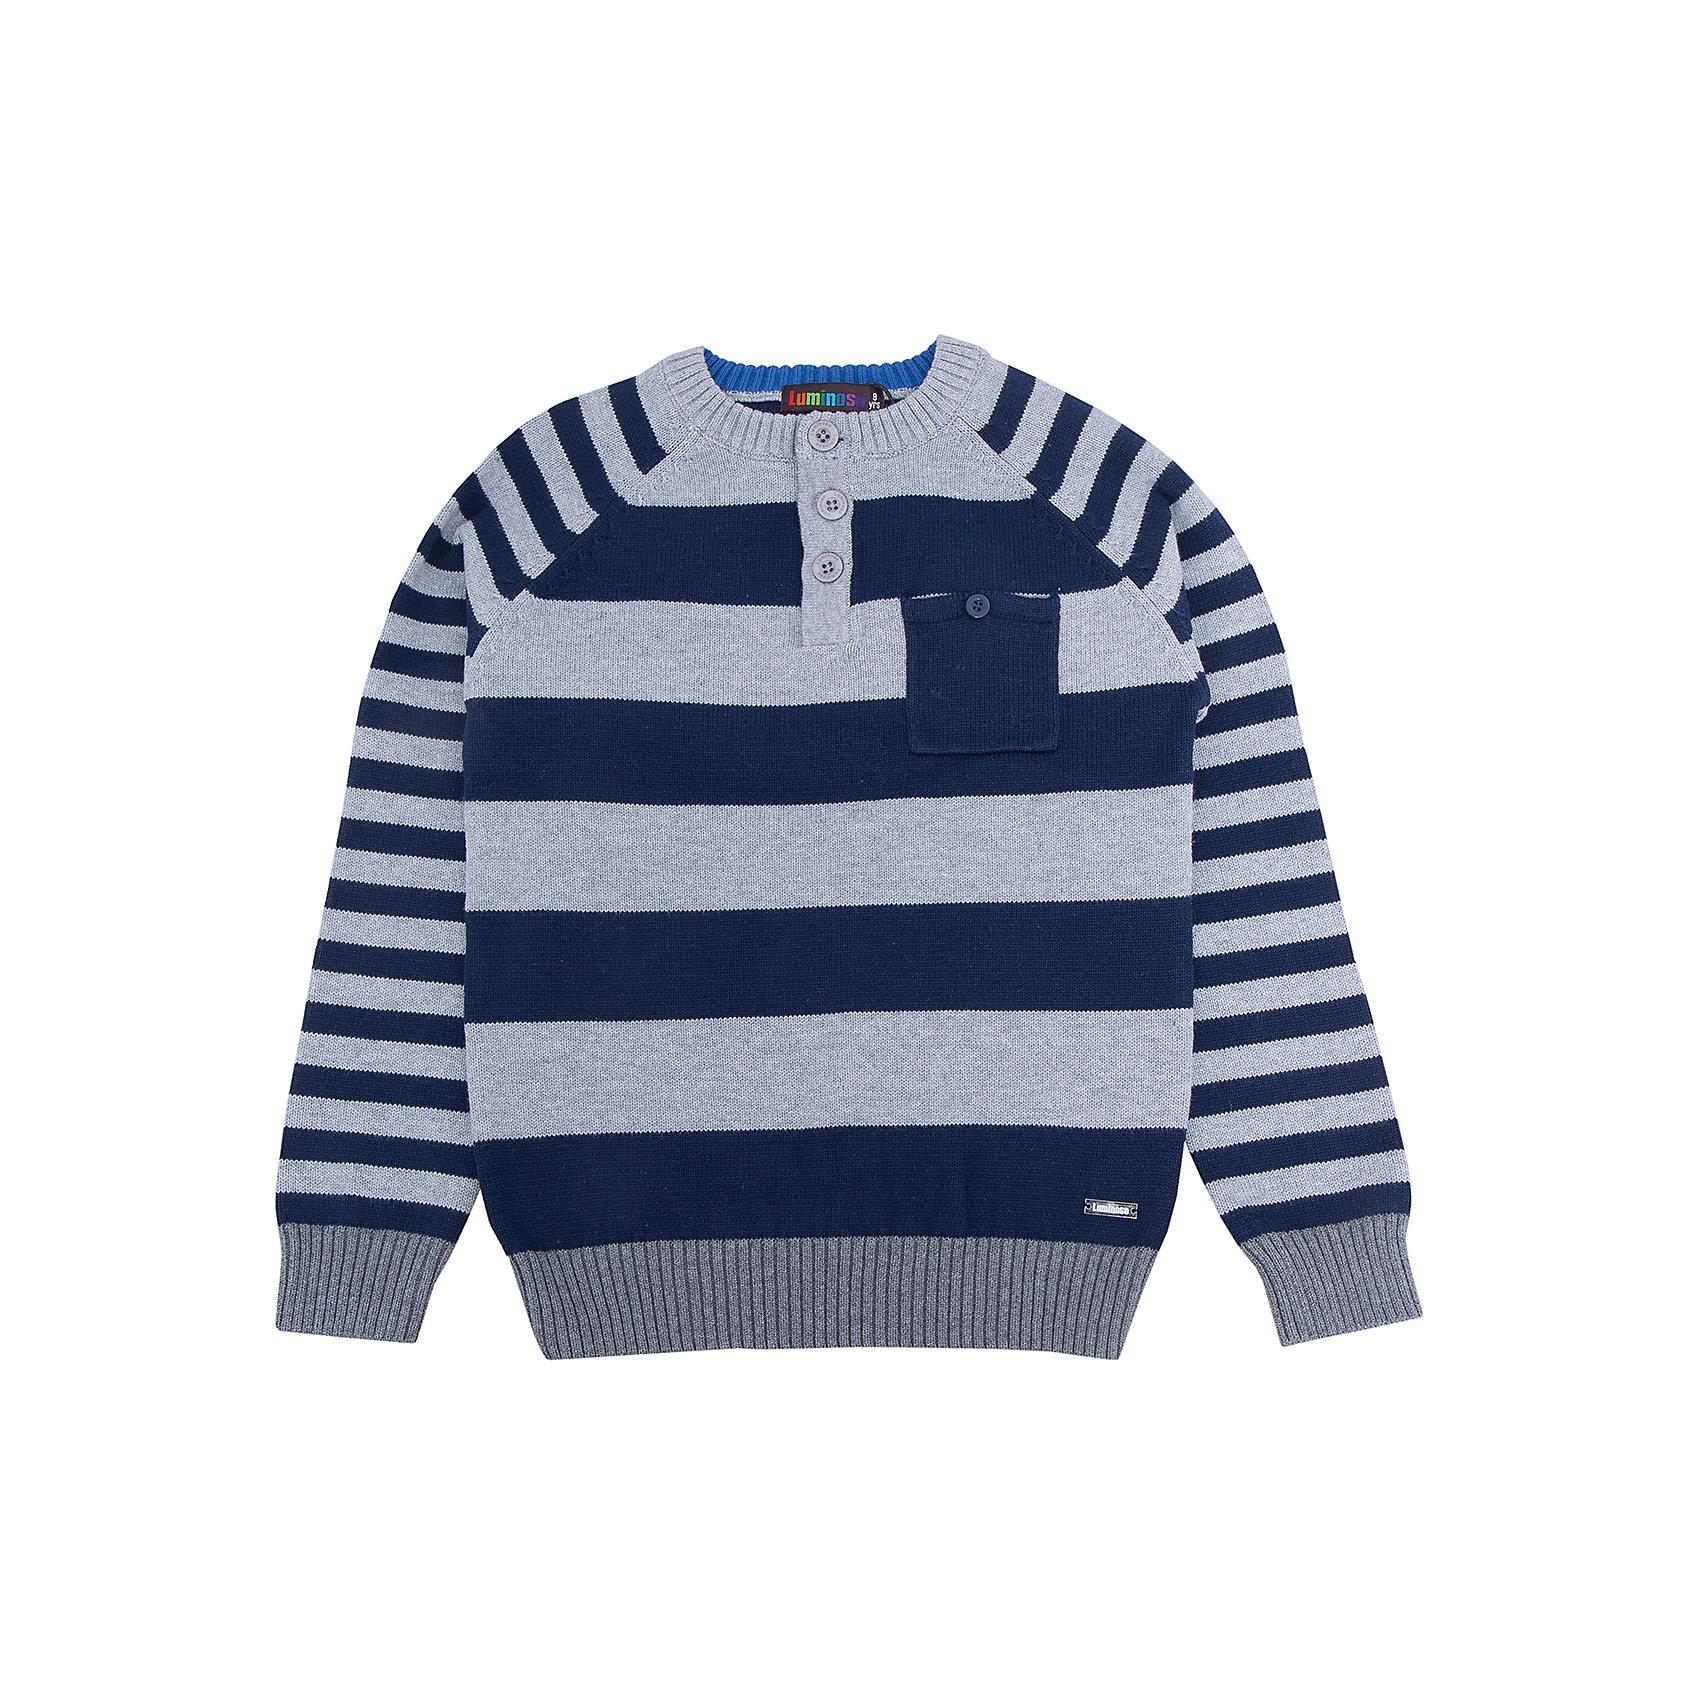 Свитер для мальчика LuminosoСвитера и кардиганы<br>Характеристики товара:<br><br>- цвет: серый;<br>- материал: 100% хлопок;<br>- застежка поло;<br>- резинка по низу и на рукавах;<br>- длинный рукав;<br>- в полоску;<br>- рукава реглан.<br><br>Стильная одежда от бренда Luminoso (Люминосо), созданная при участии итальянских дизайнеров, учитывает потребности подростков и последние веяния моды. Она удобная и модная.<br>Этот стильный свитер идеален для прохладной погоды. Он хорошо сидит на ребенке, обеспечивает комфорт и отлично сочетается с одежной разных стилей. Модель отличается высоким качеством материала и продуманным дизайном.<br><br>Свитер для мальчика от бренда Luminoso (Люминосо) можно купить в нашем интернет-магазине.<br><br>Ширина мм: 190<br>Глубина мм: 74<br>Высота мм: 229<br>Вес г: 236<br>Цвет: серый<br>Возраст от месяцев: 96<br>Возраст до месяцев: 108<br>Пол: Мужской<br>Возраст: Детский<br>Размер: 134,164,140,146,152,158<br>SKU: 4930823